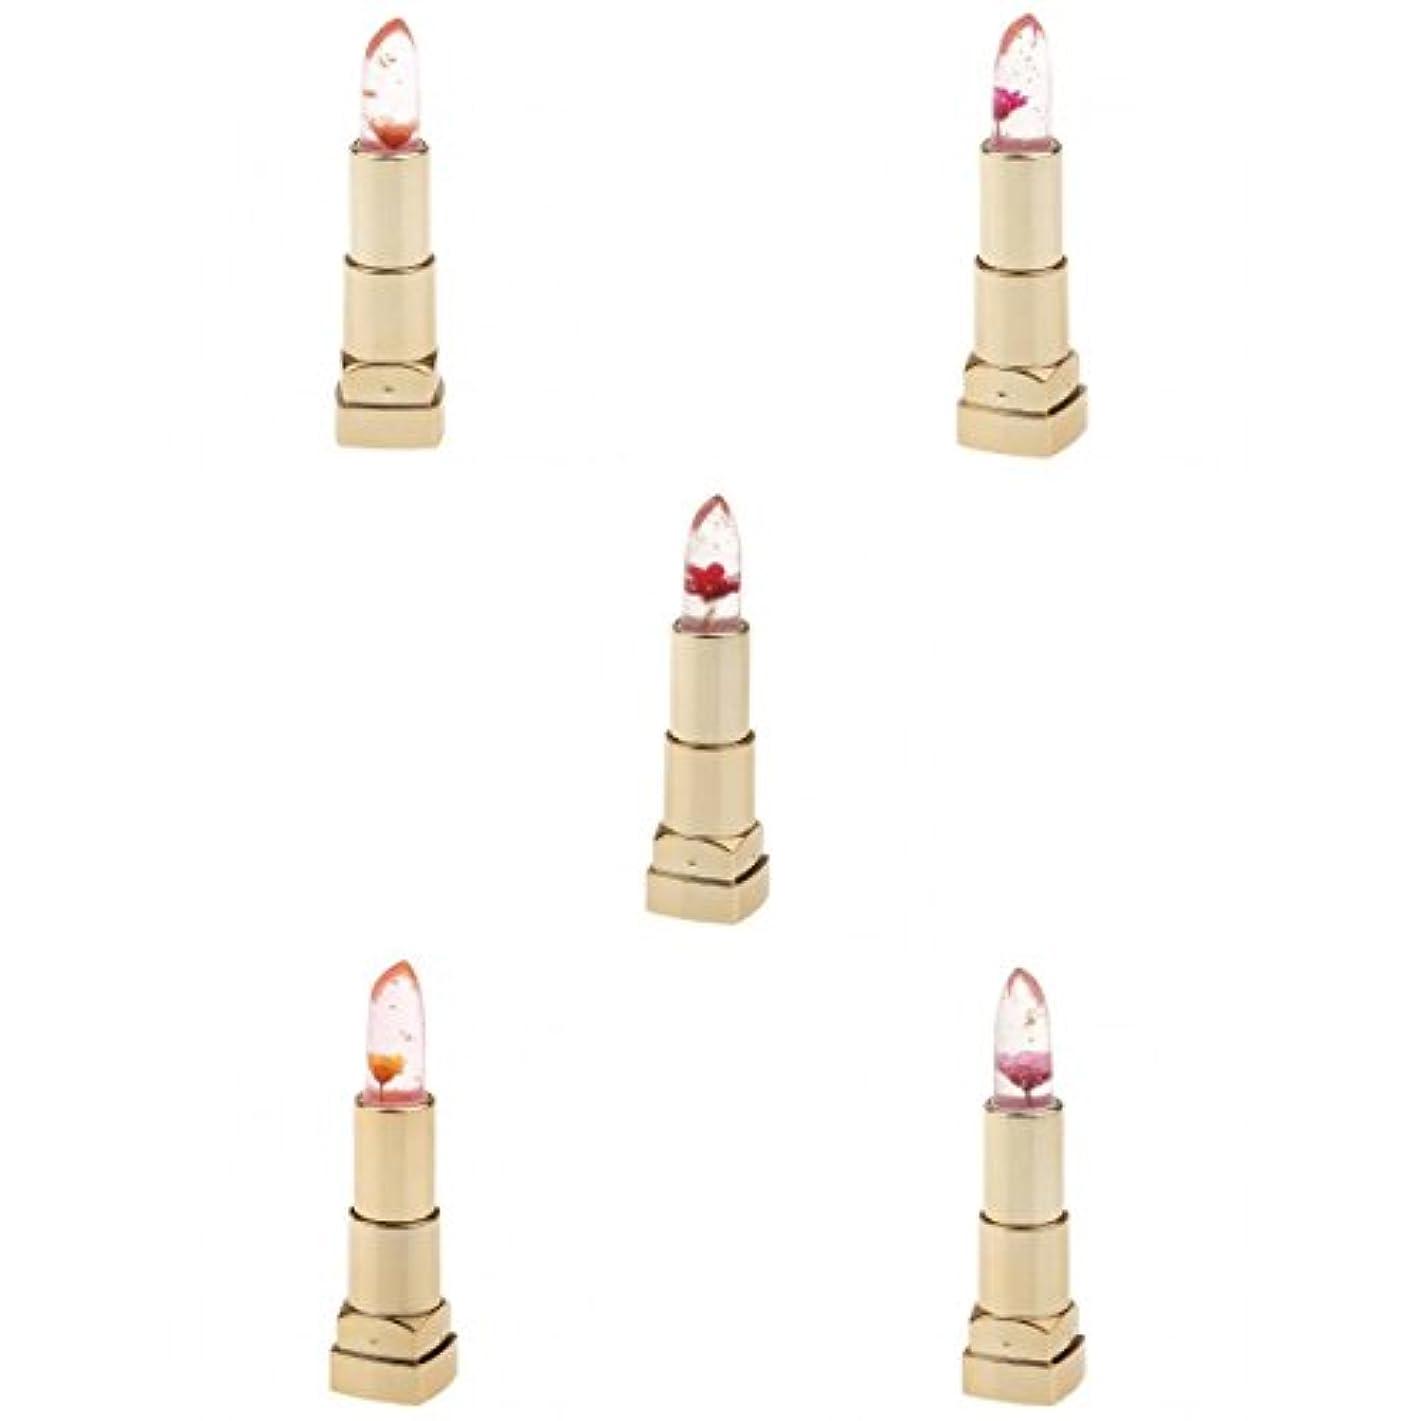 豊かにする所有権ワゴン温度変化口紅 フラワー リップスティック メイクアップ 潤い 3個セット - #1